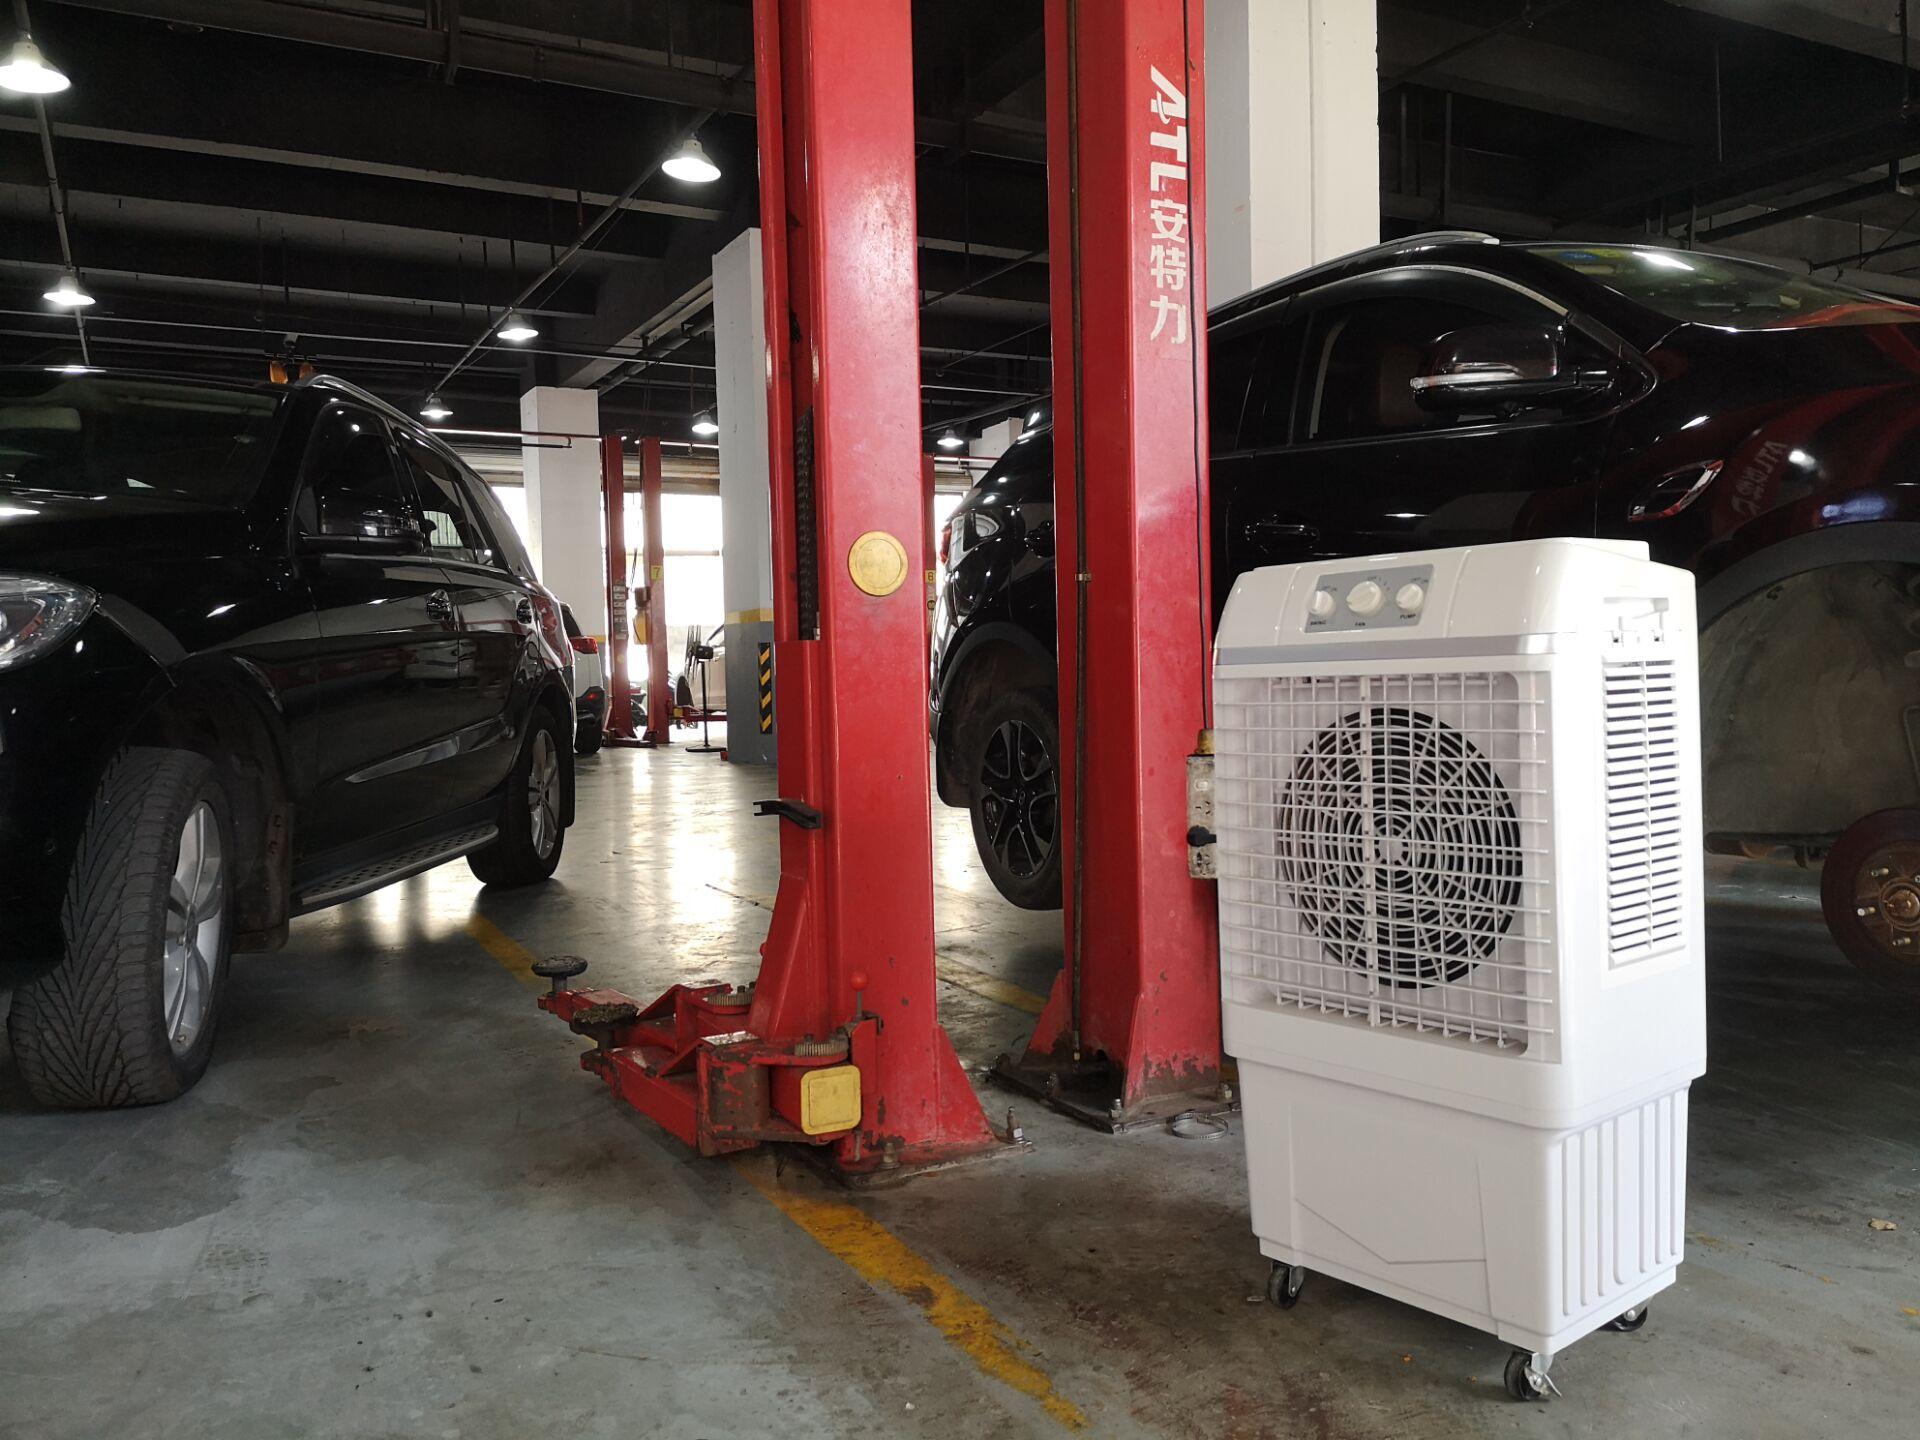 Favorece o resfriamento de ponto fixo externo: refrigerador de ar móvel